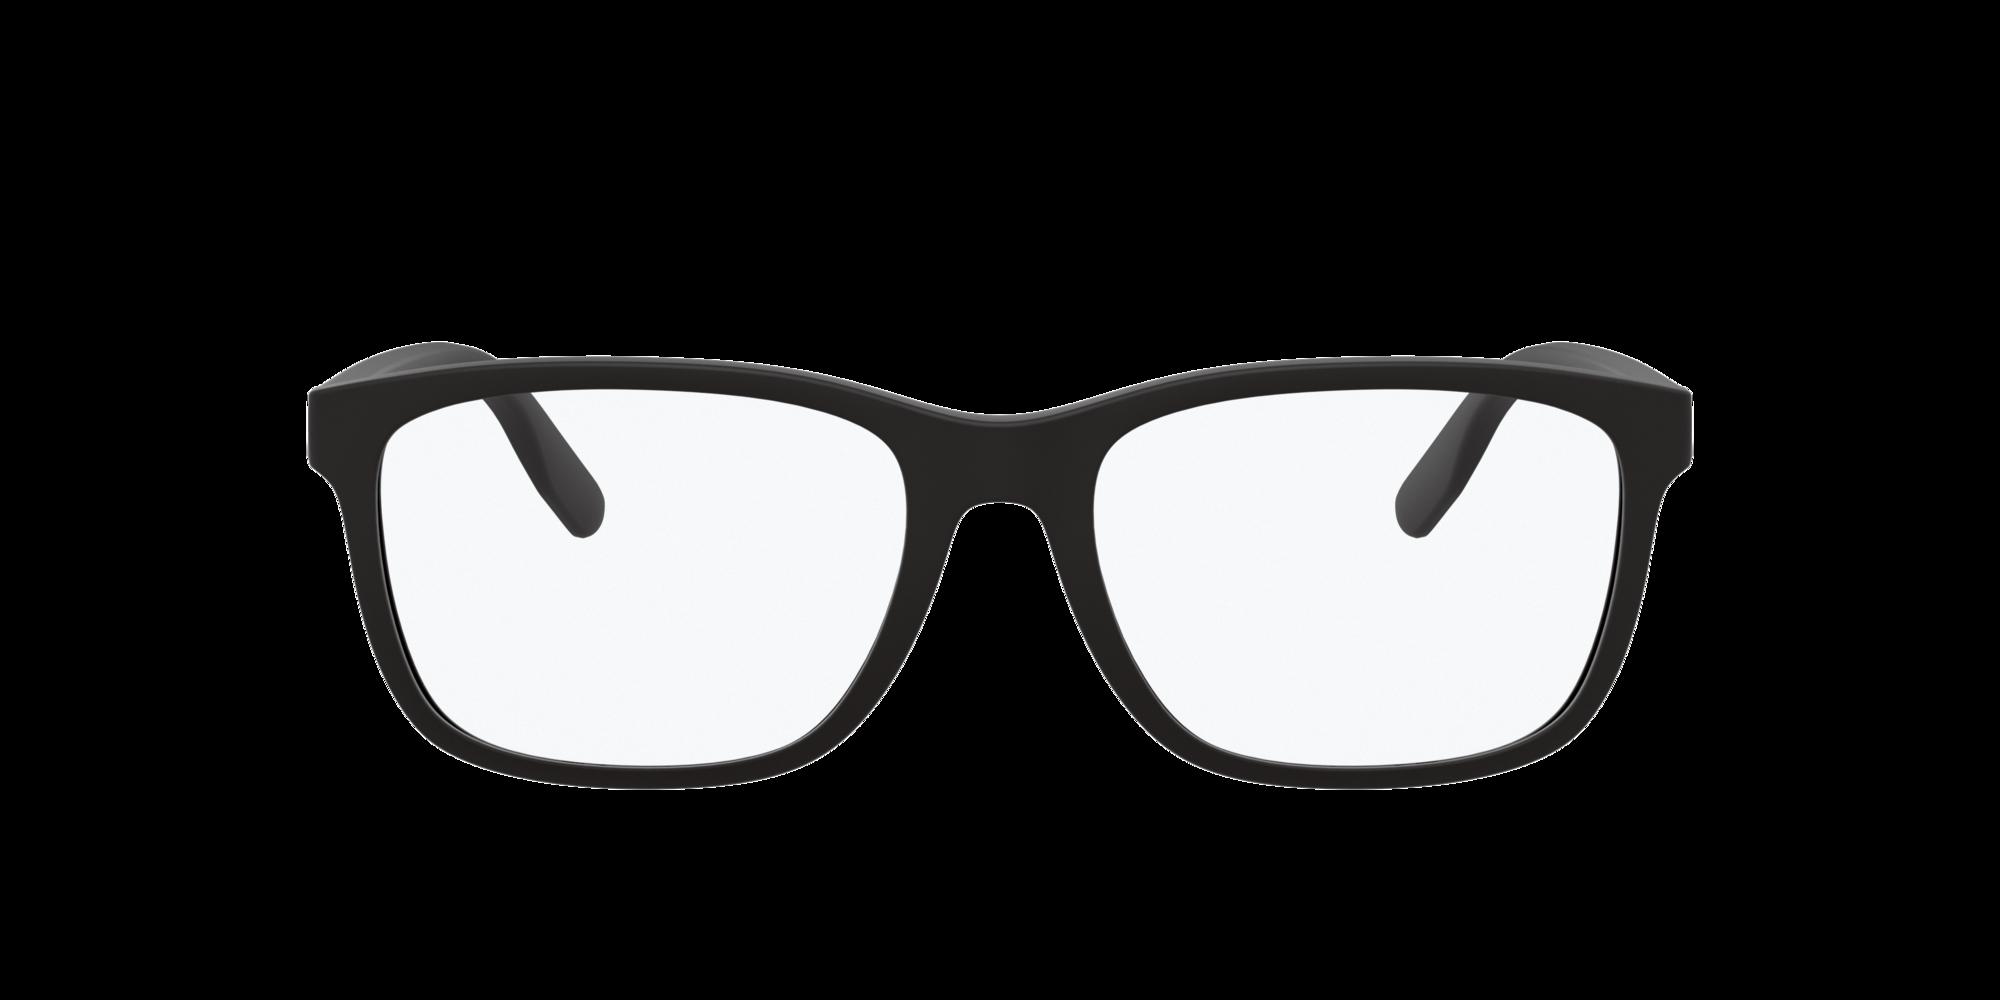 Imagen para CP3050 de LensCrafters |  Espejuelos, espejuelos graduados en línea, gafas